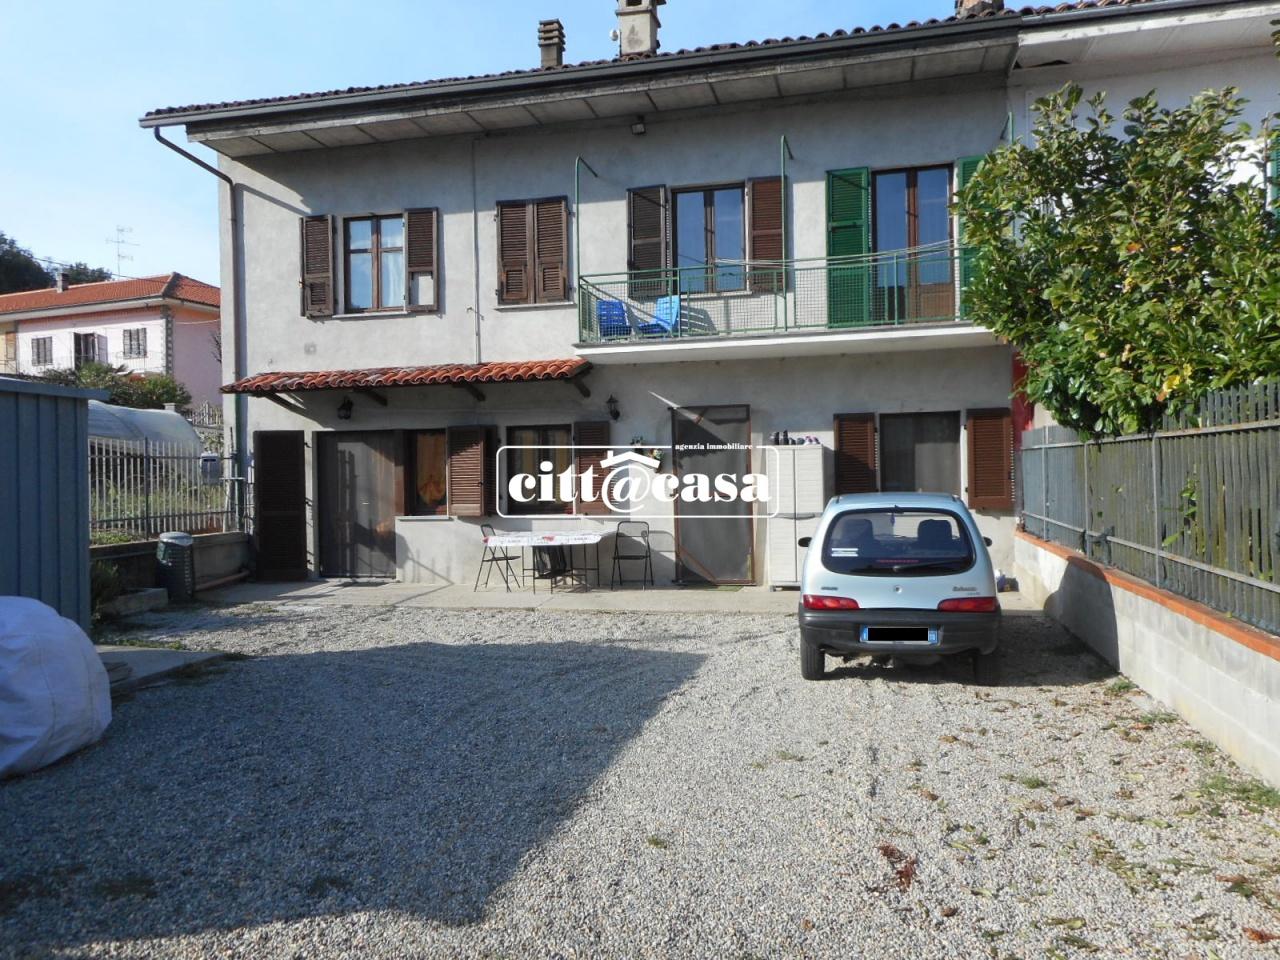 Soluzione Semindipendente in vendita a Verrua Savoia, 6 locali, prezzo € 108.000 | CambioCasa.it